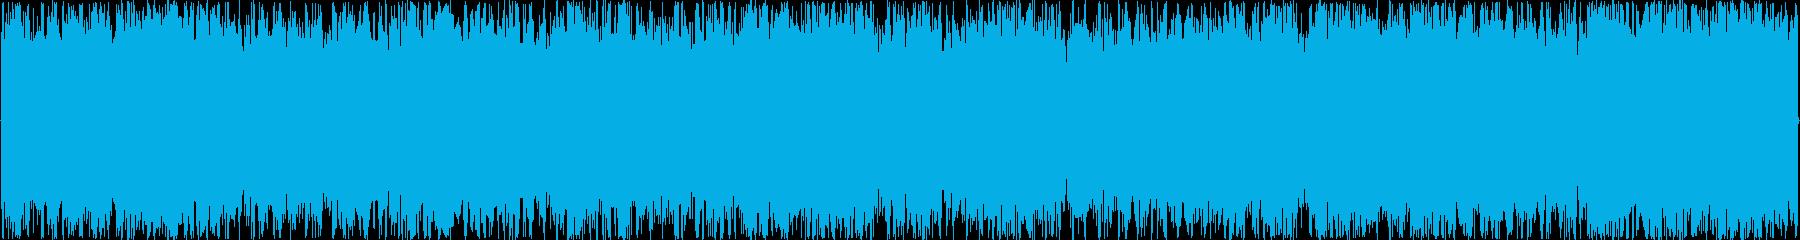 疾走感のあるオーケストラループBGMの再生済みの波形